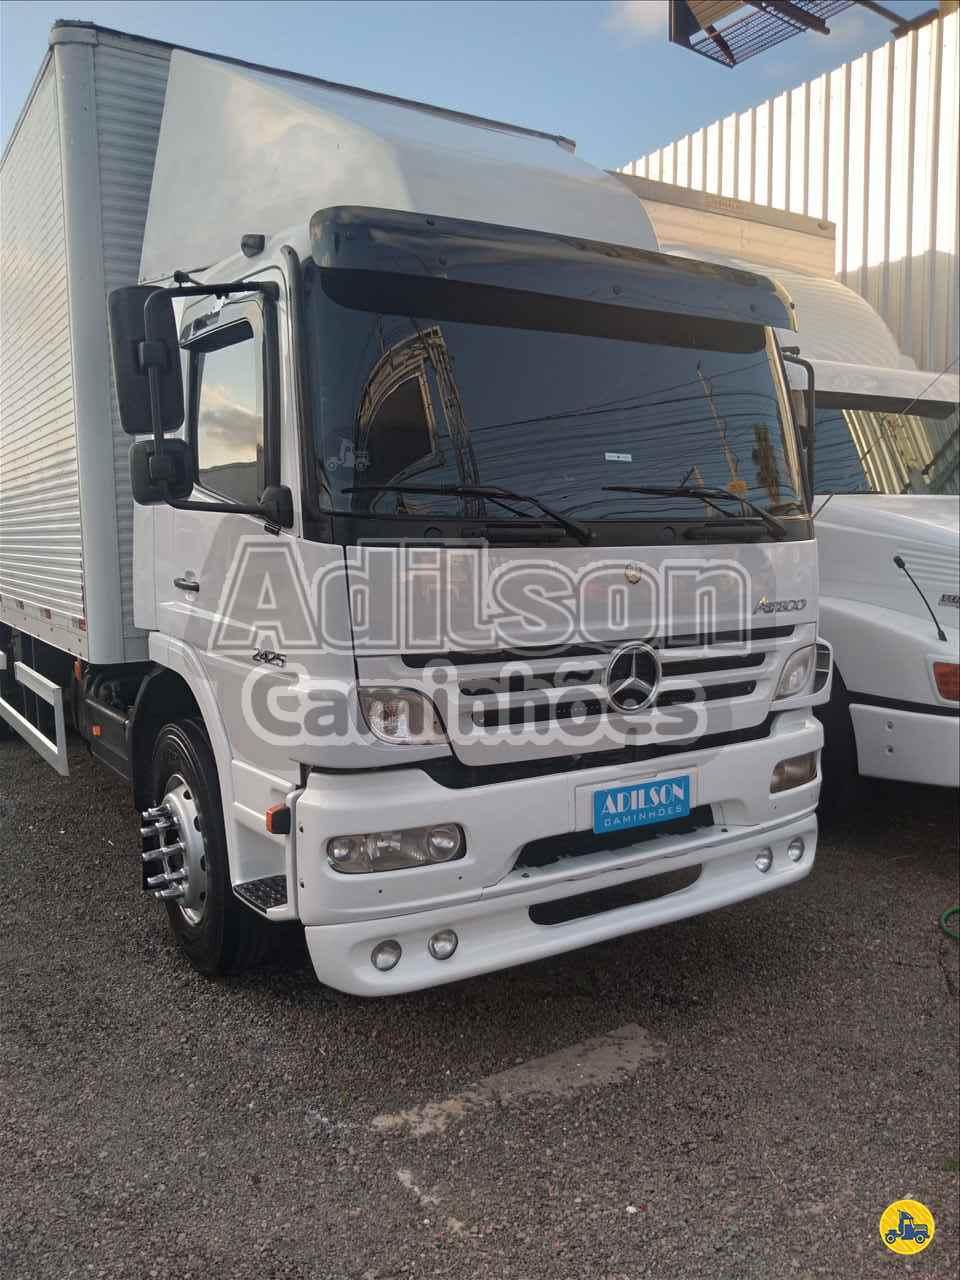 CAMINHAO MERCEDES-BENZ MB 2425 Baú Furgão Truck 6x2 Adilson Caminhões PORTO ALEGRE RIO GRANDE DO SUL RS